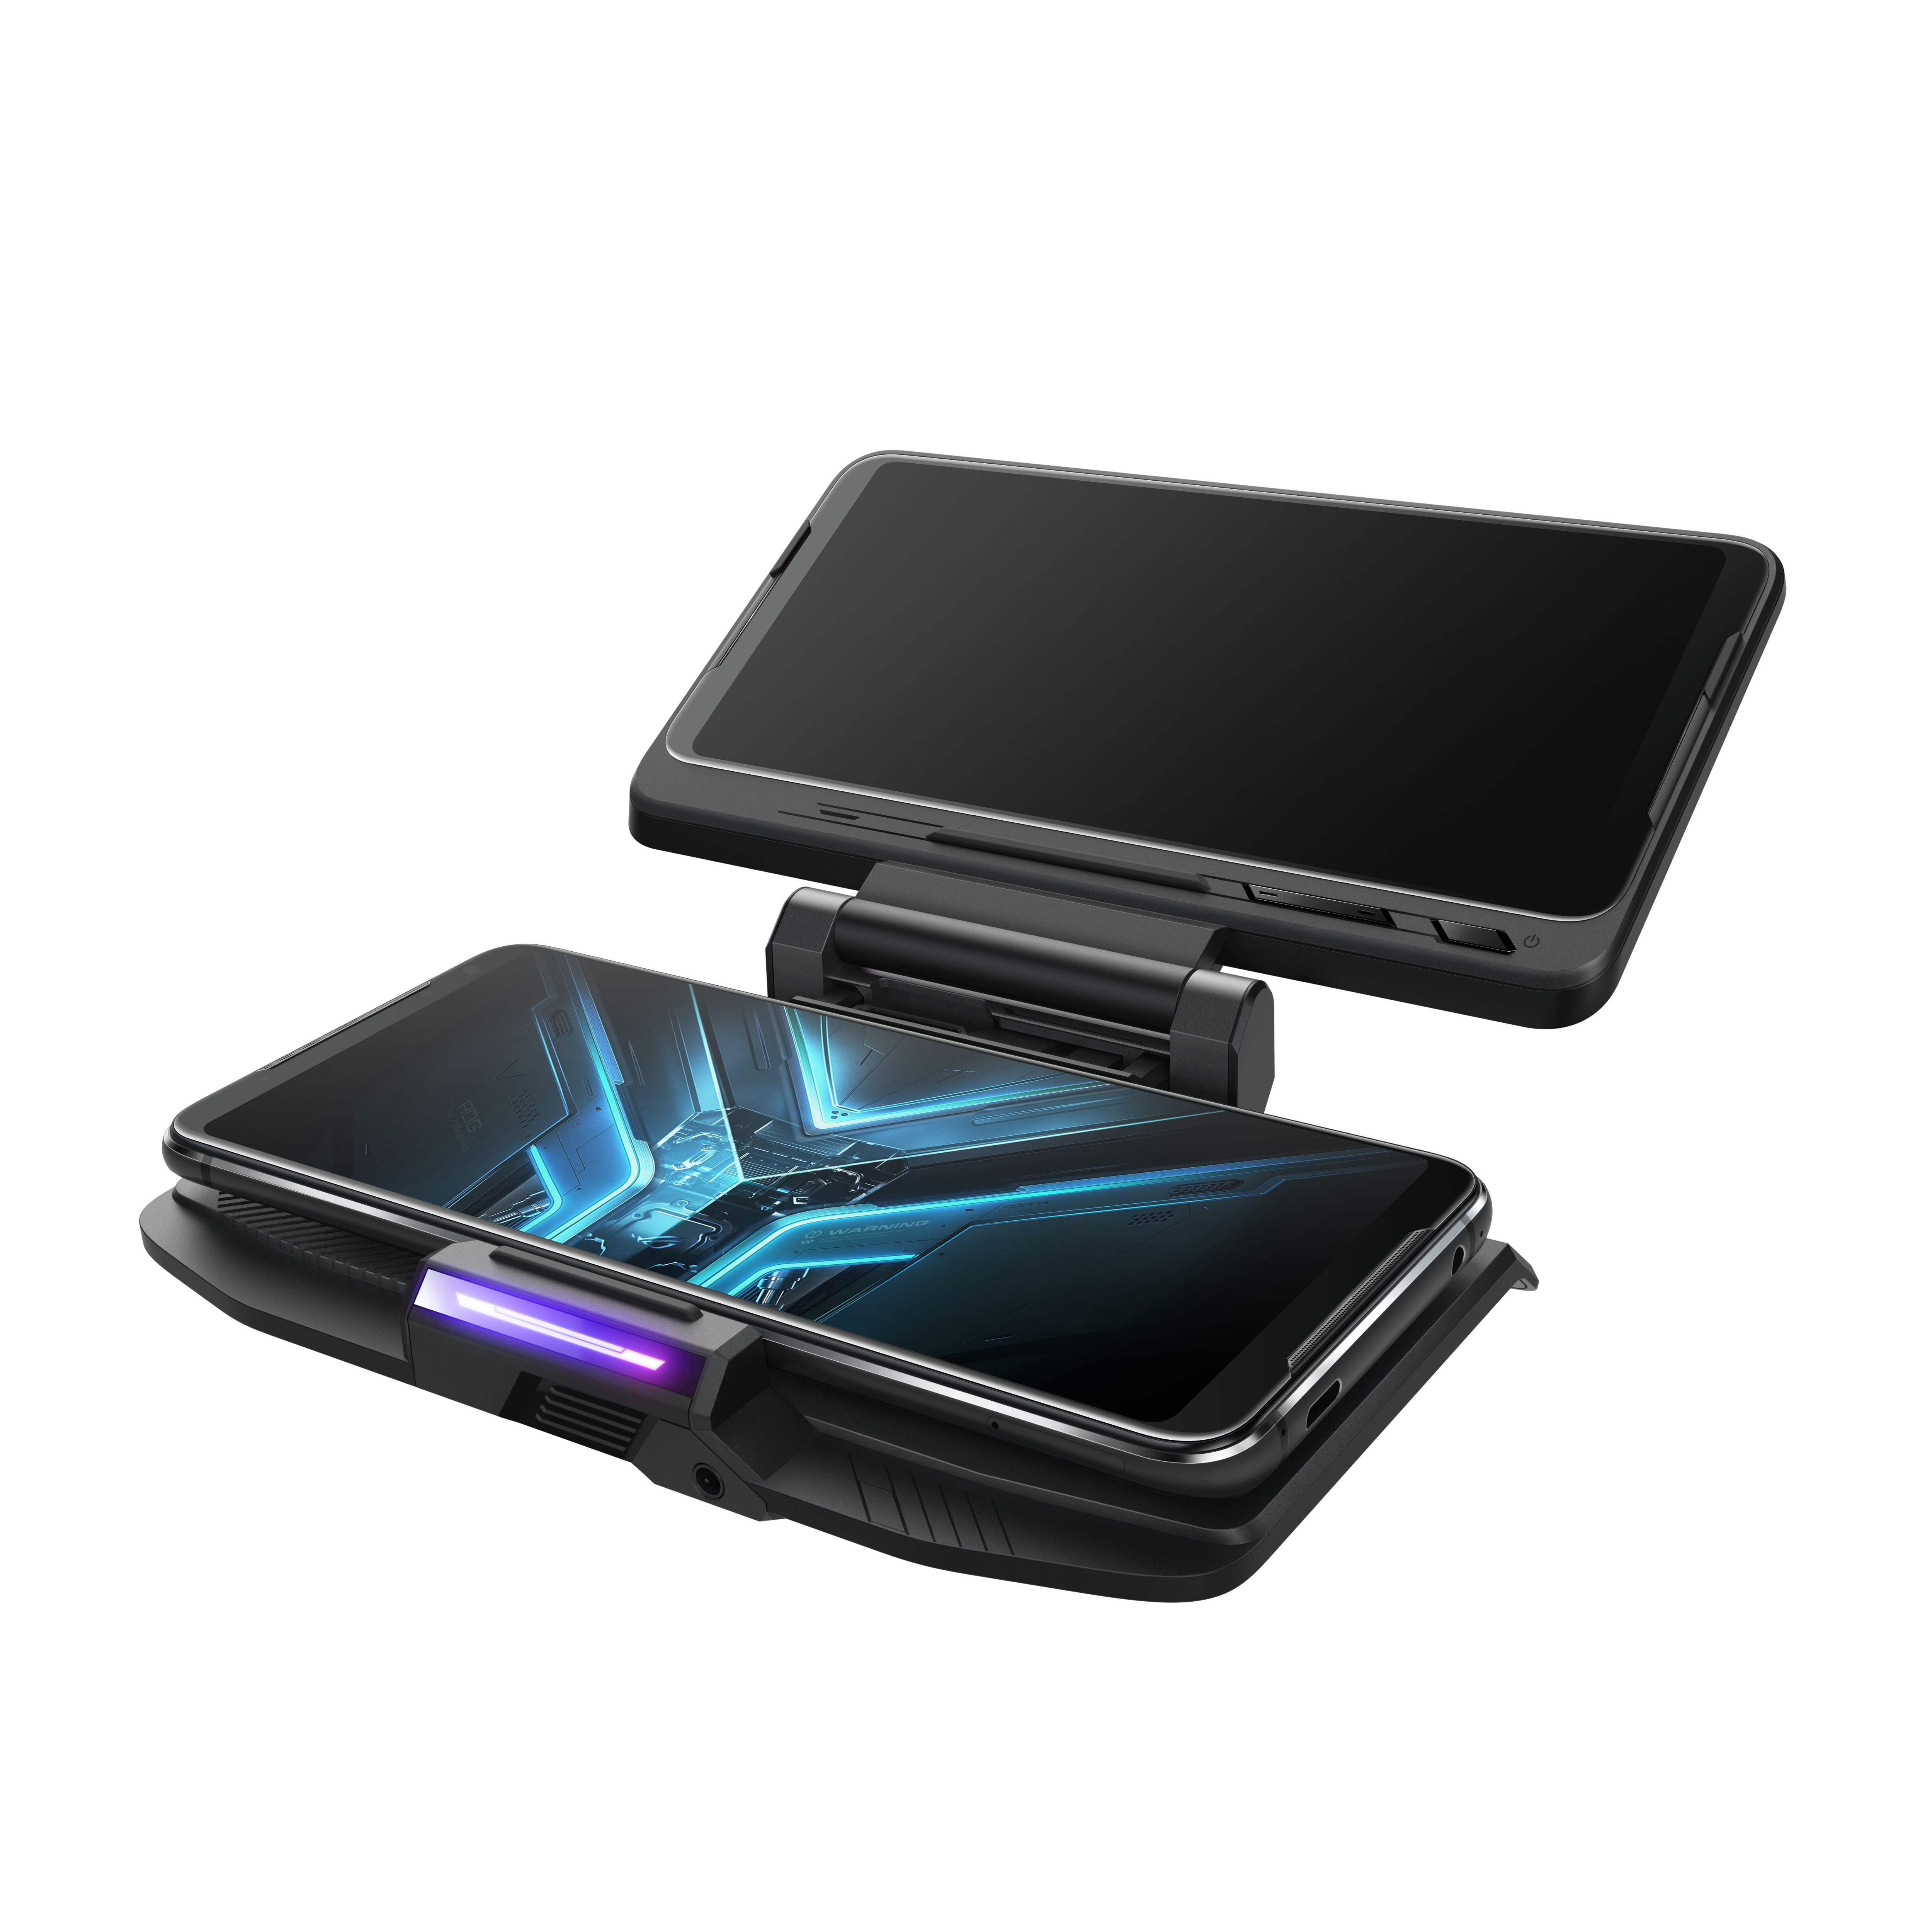 ثنائي الشاشة تصميم TwinView حوض 3 محطة ل ASUS ROG الهاتف 2 3 لعبة المحمول وحدة